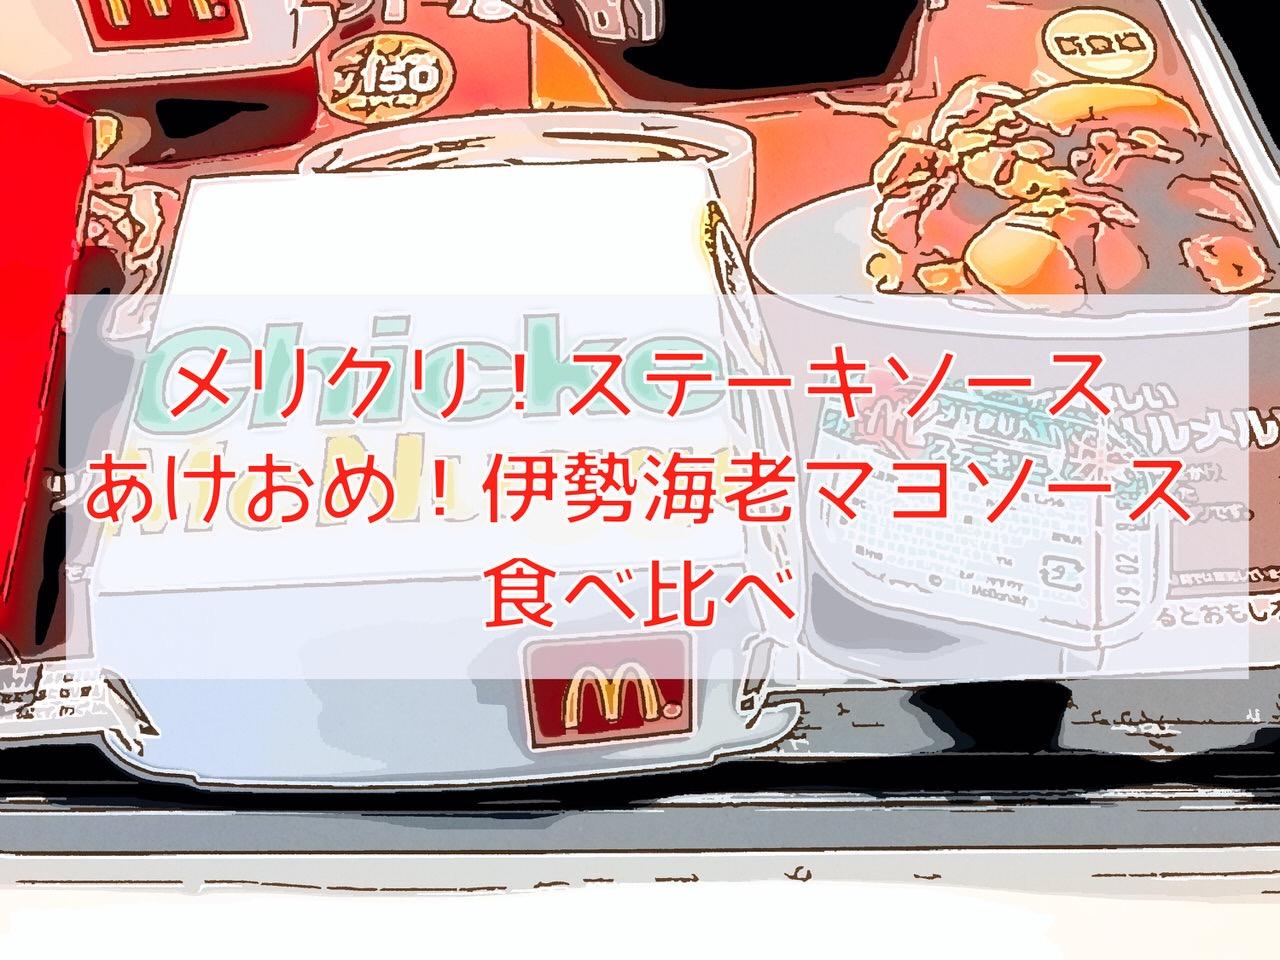 【ナゲット】「メリクリ!ステーキソース」「あけおめ!伊勢海老マヨソース」食べ比べてみた【感想】